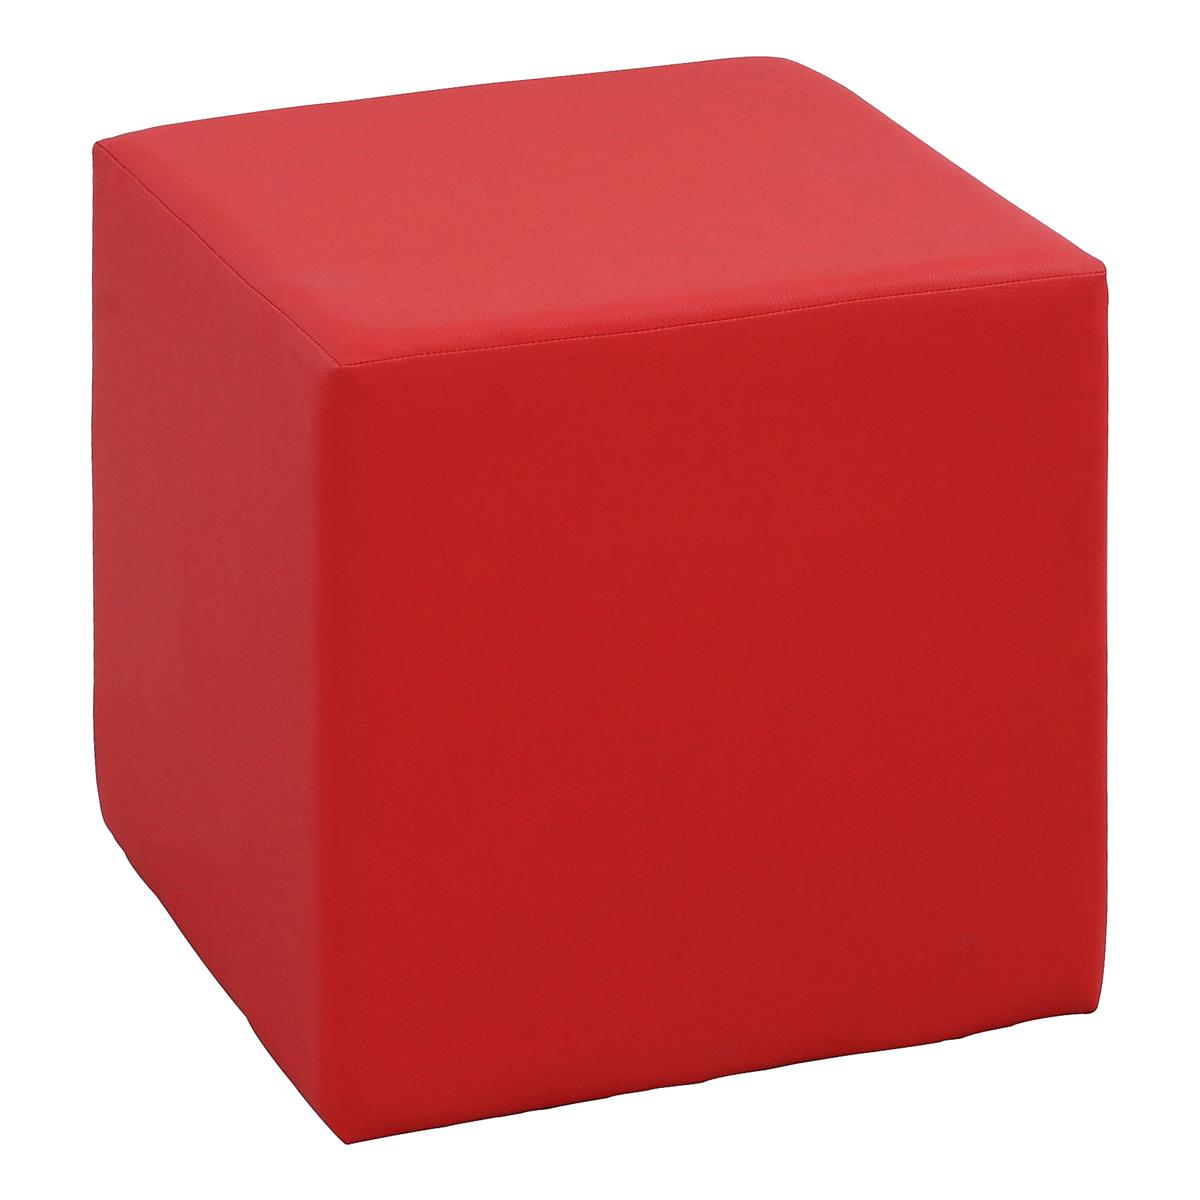 Hocker Cubi, rot